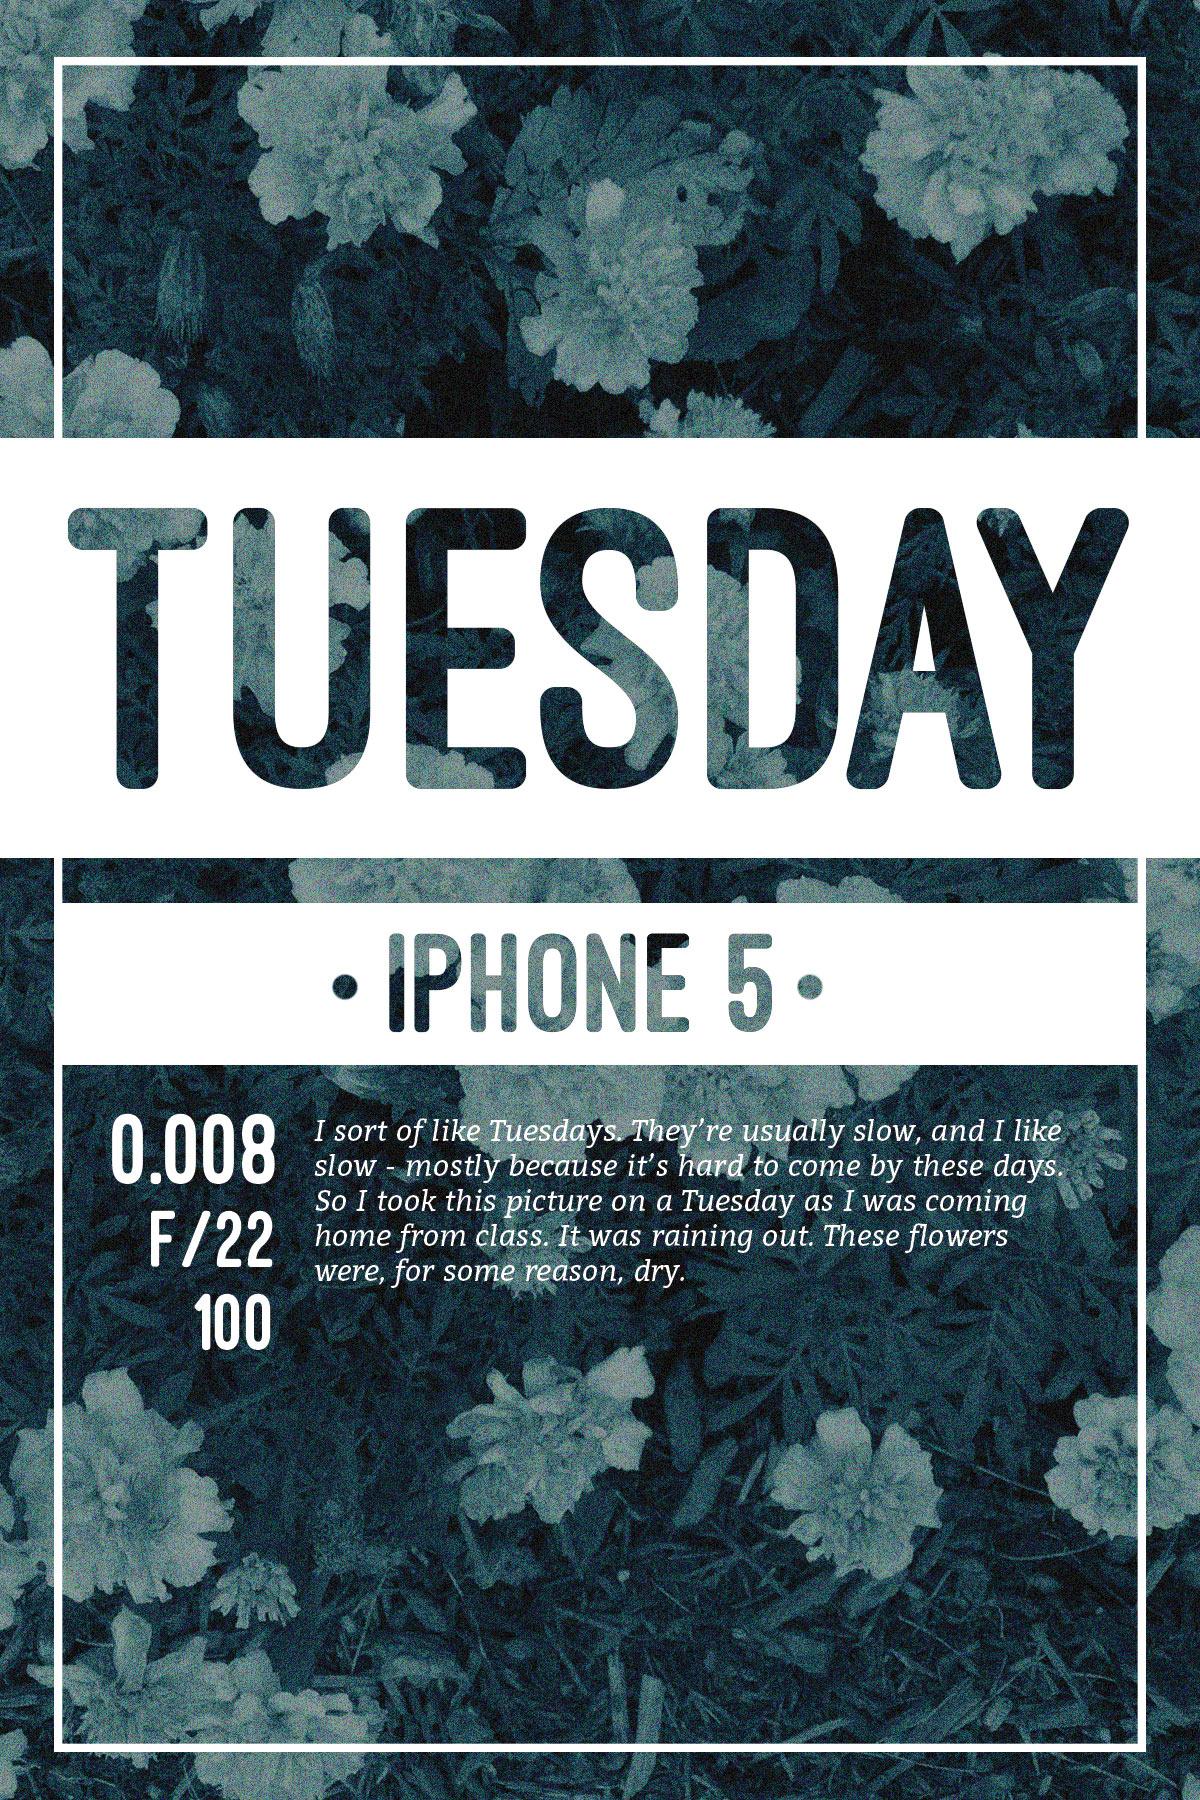 TuesdayIllust-1